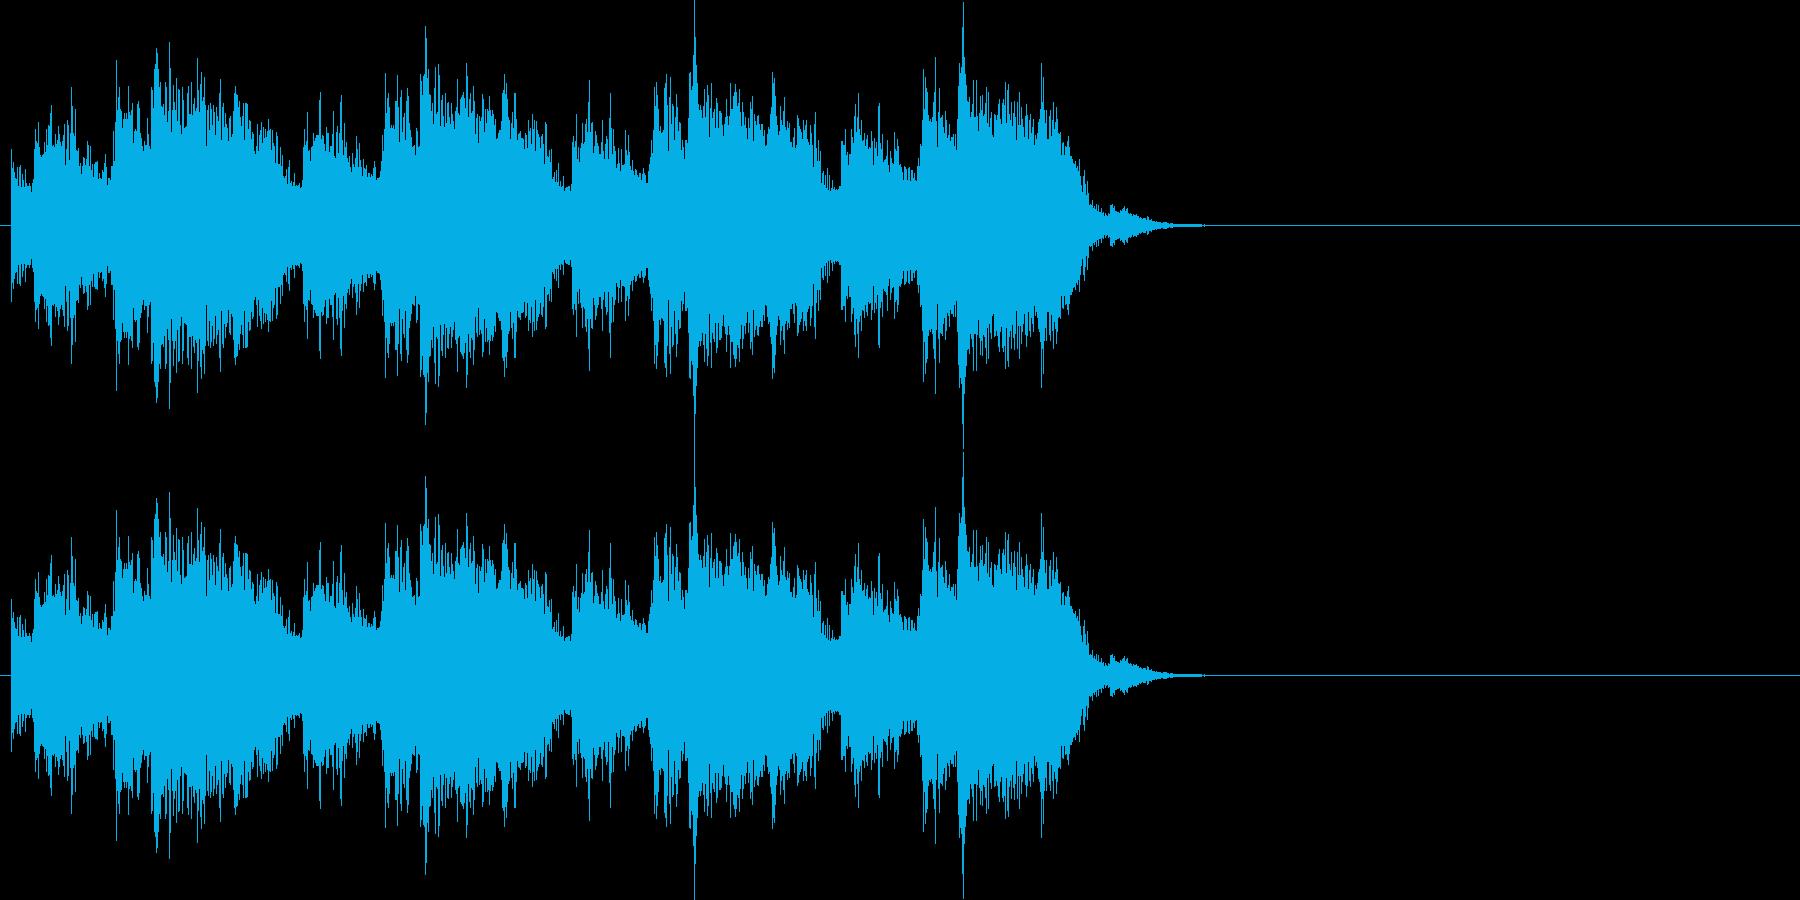 ジリリリリン (固定電話の音)の再生済みの波形